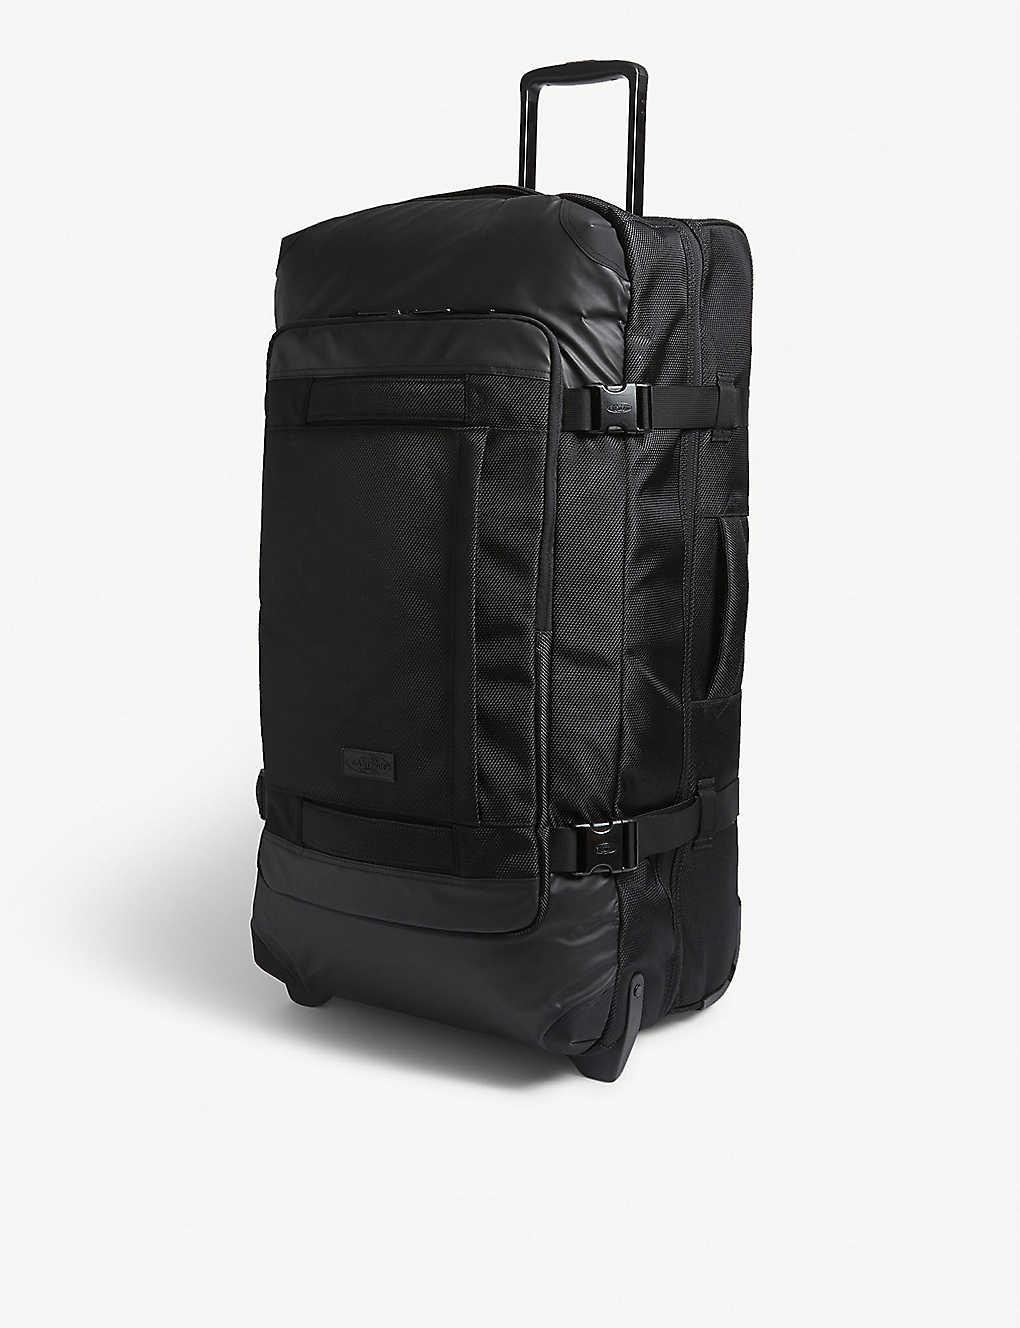 d7d717087 EASTPAK - Tranverz CNNCT cabin suitcase 79cm | Selfridges.com